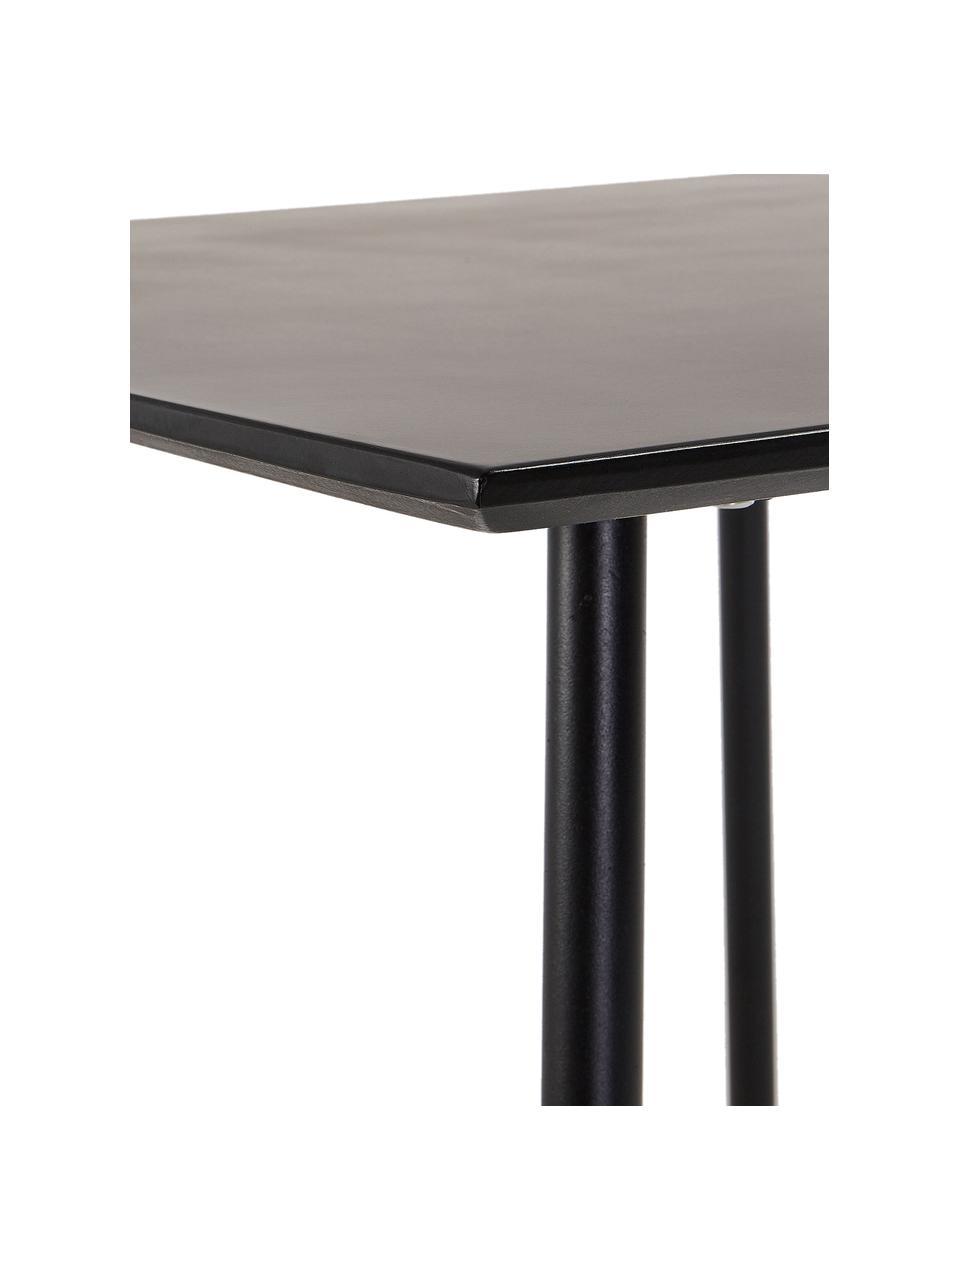 Esstisch Mathis, 75 x 75 cm, Tischplatte: Verzinkte Stahl- und Zeme, Beine: Metall, Pulverbeschichtet, Schwarz, 75 x 75 cm